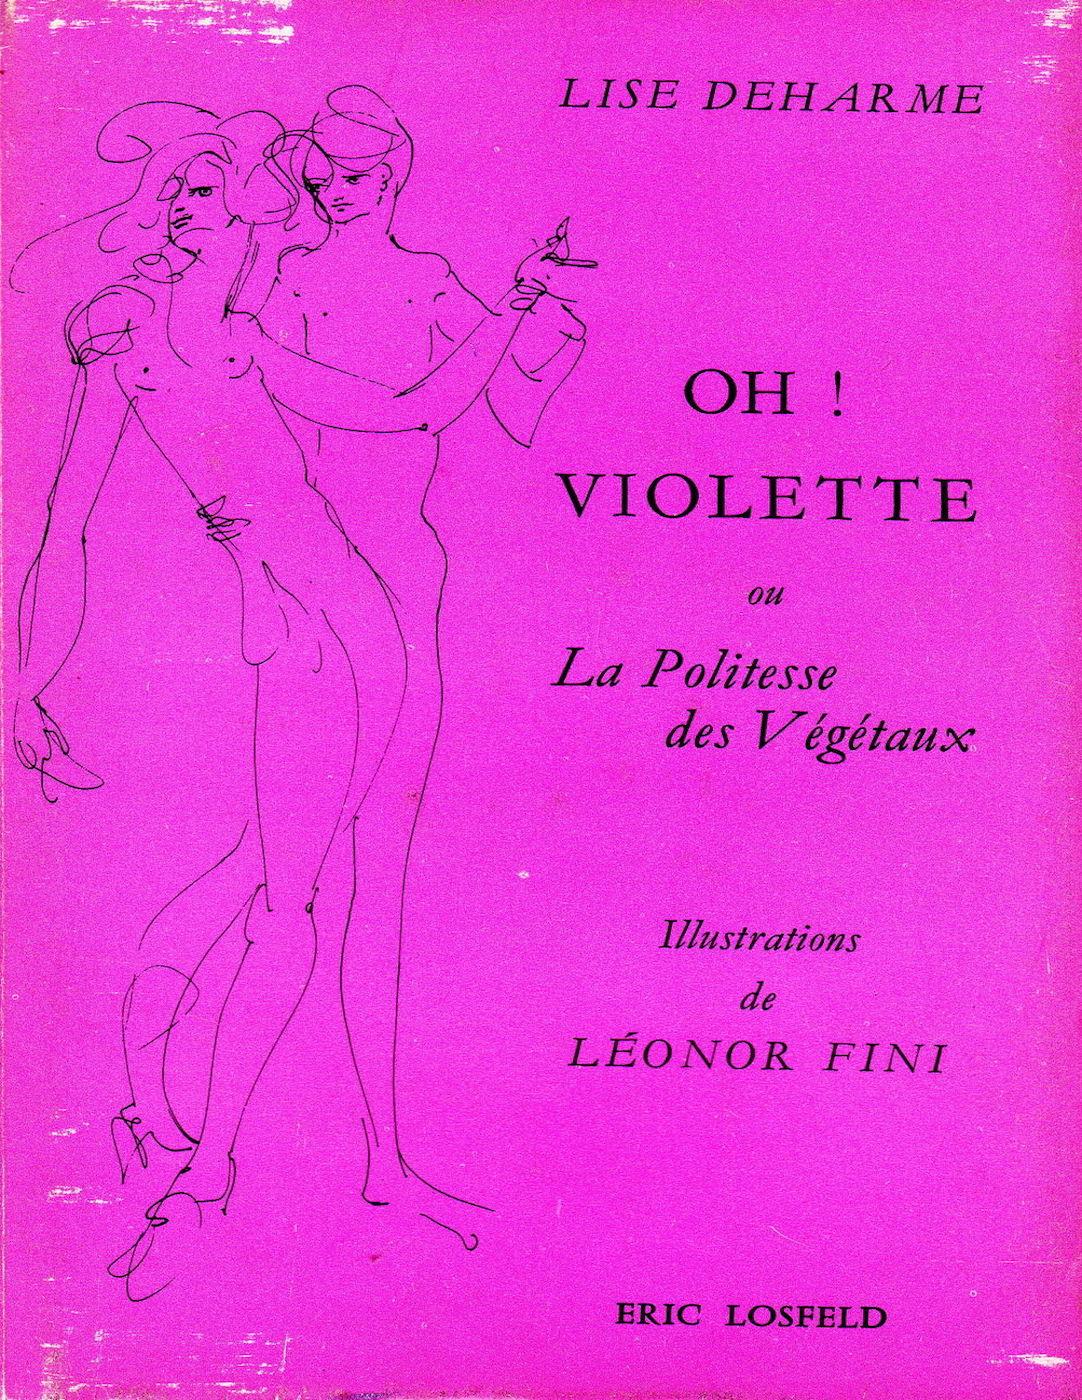 Lise Deharme, <br /><em>Oh! Violette oulaPolitesse desvégétaux</em>, 1969